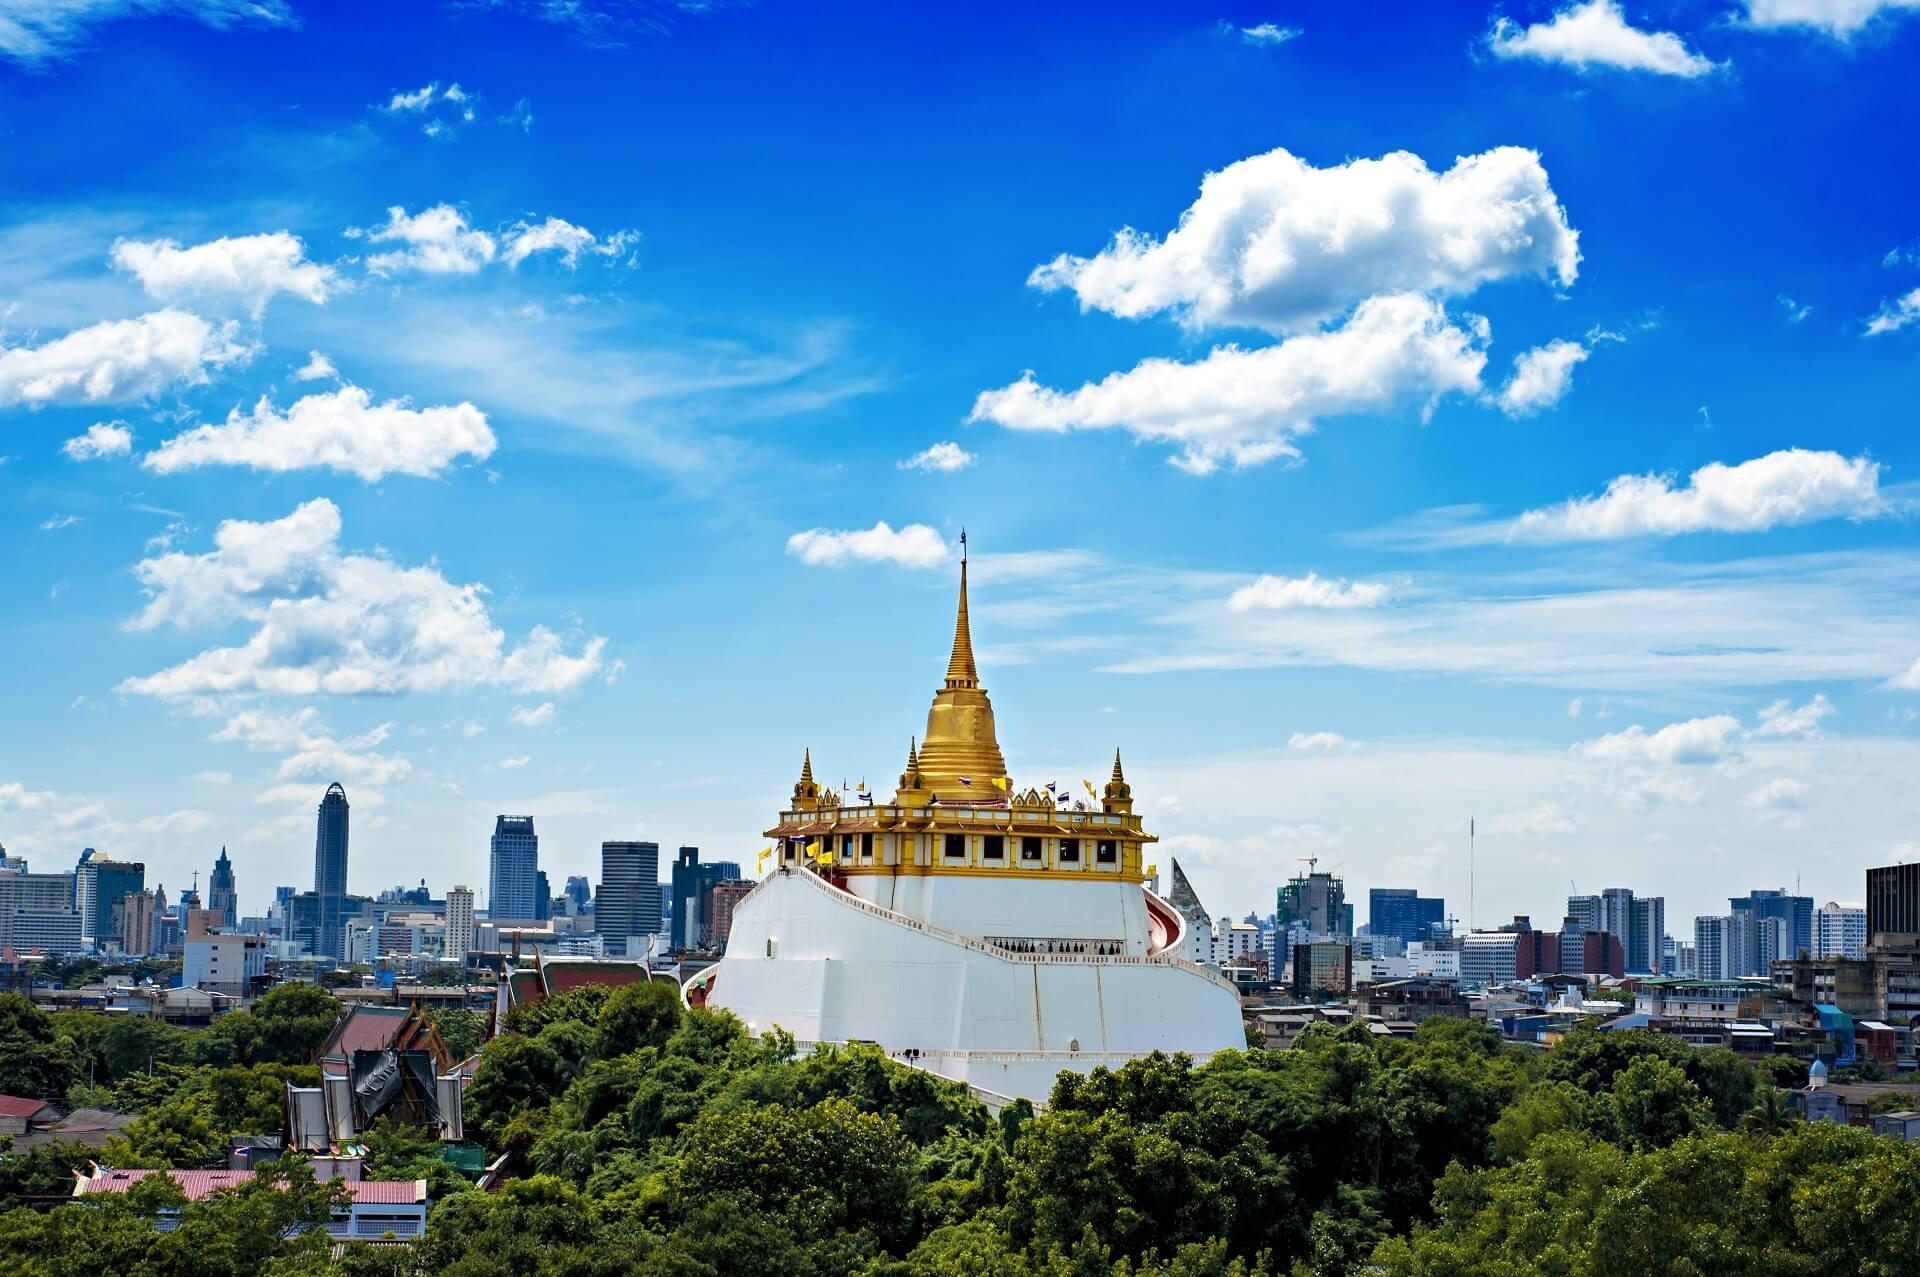 Der Golden Mount Tempel in Bangkok ist sehr beeindruckend